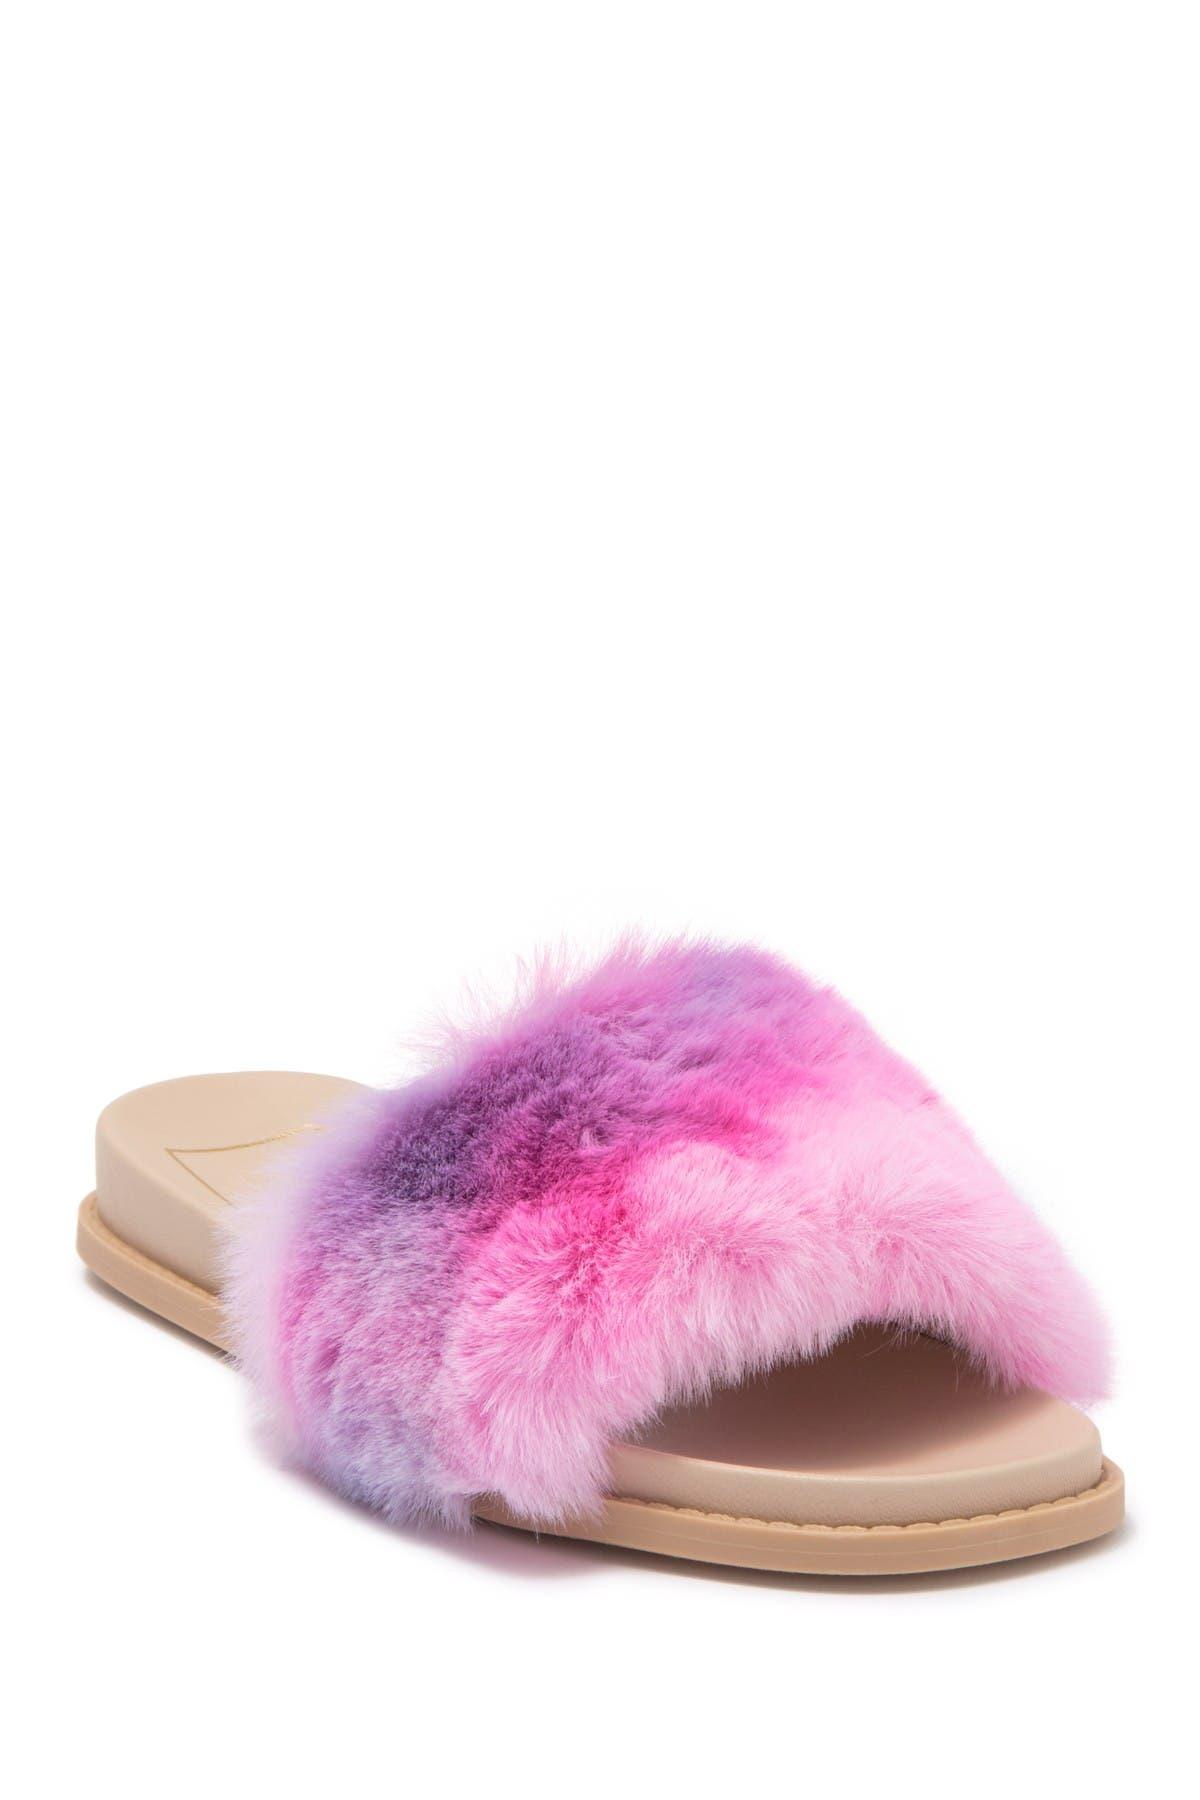 Image of Dolce Vita Gwynn Faux Fur Slide Sandal